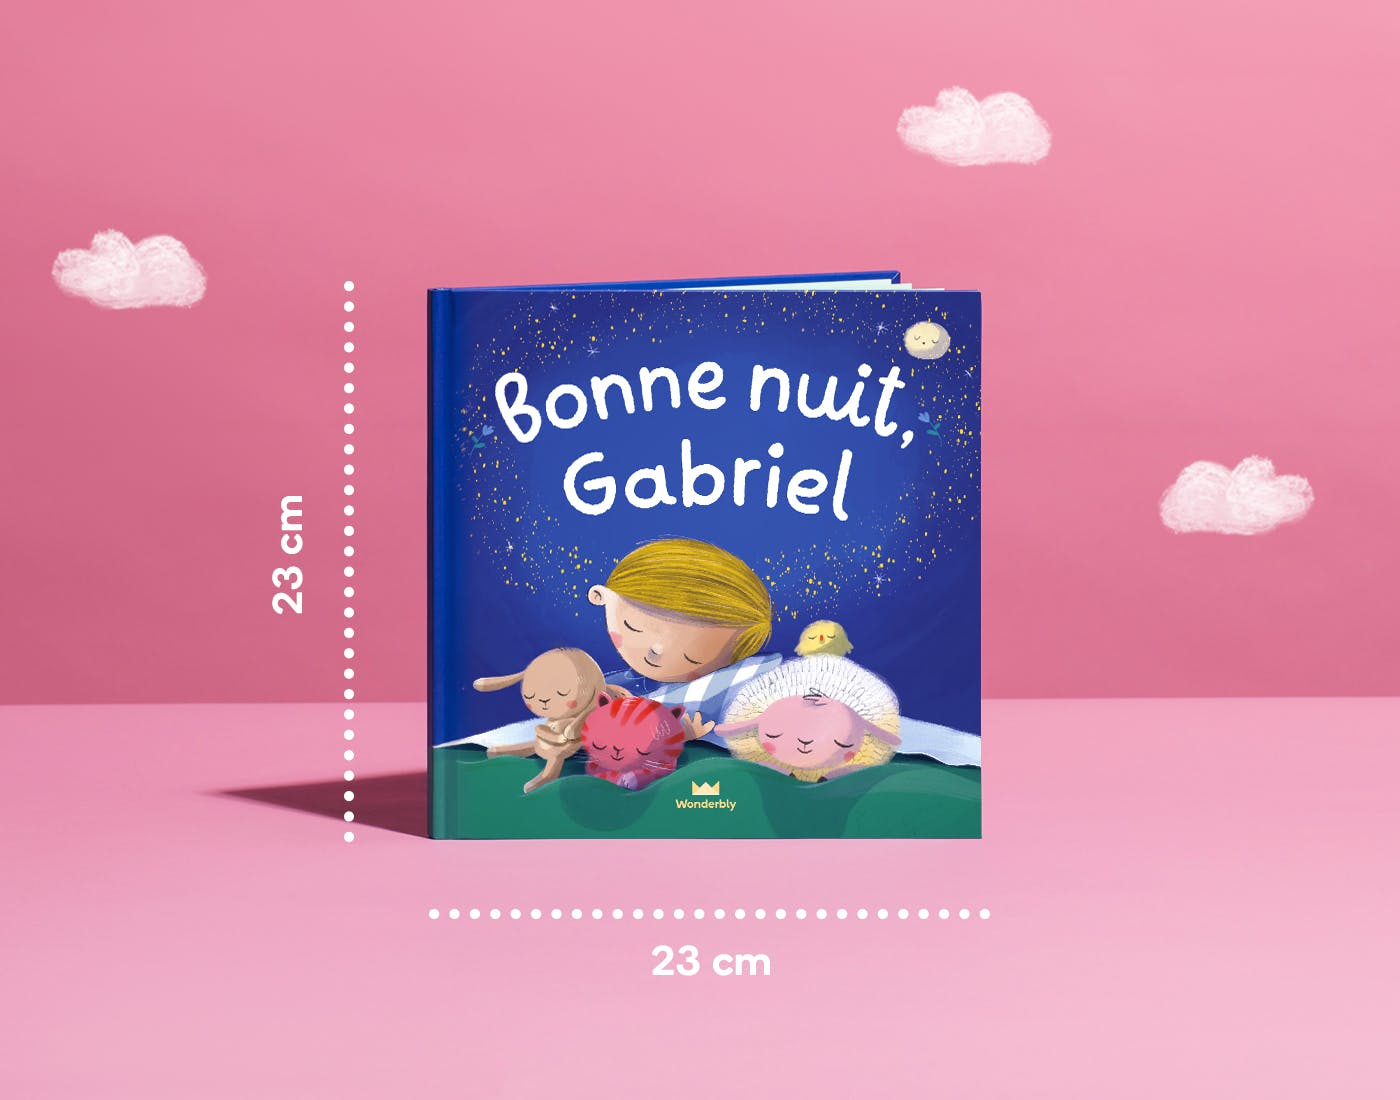 Bonne Nuit front cover dimensions